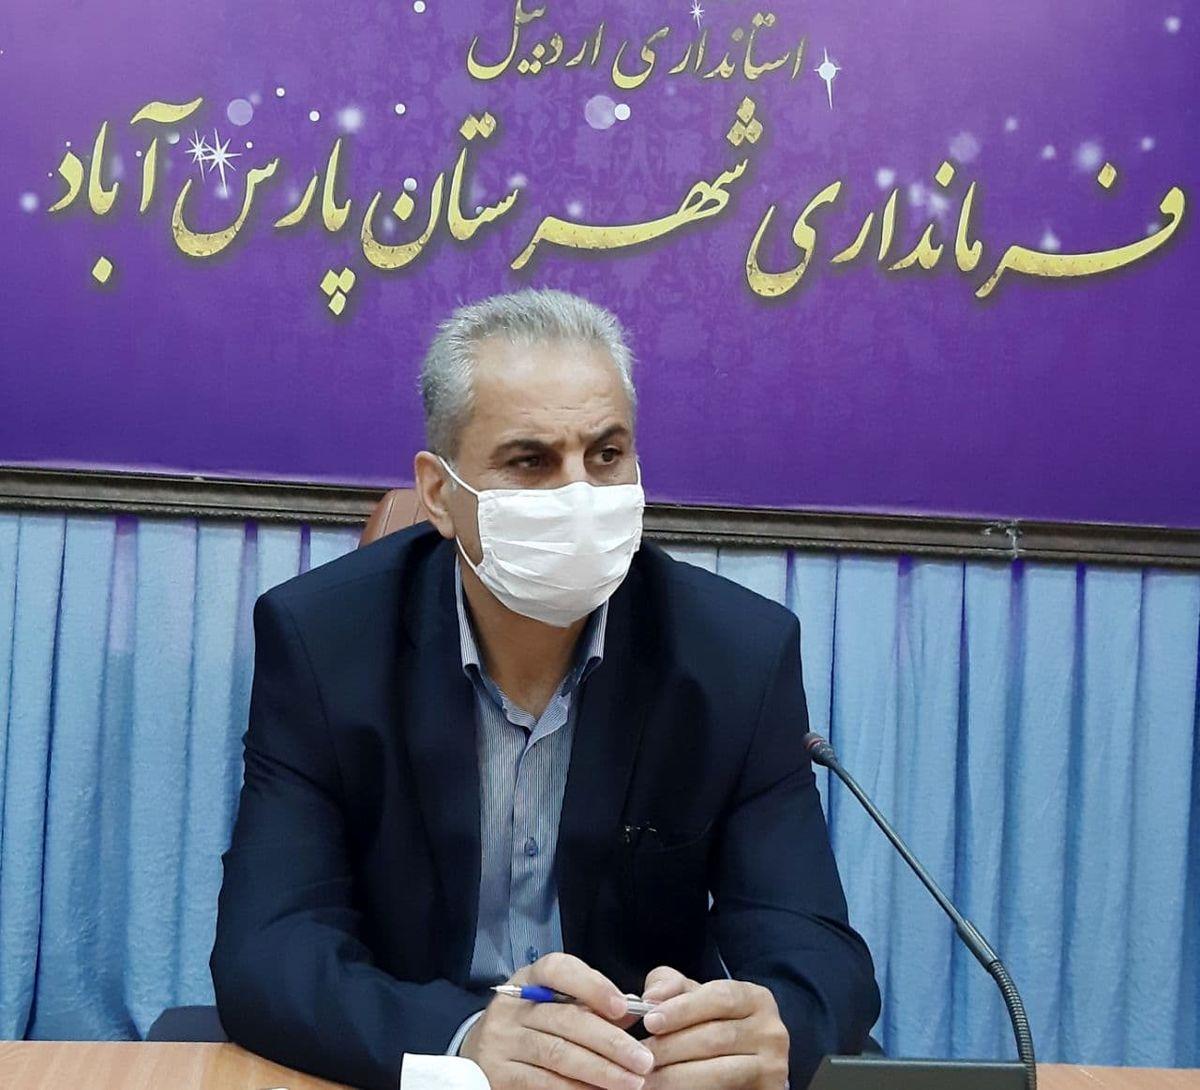 پیش بینی ۱۷۱شعبه اخذ رأی در پارس آباد مغان / ۴هزار نفر مشارکت دارند